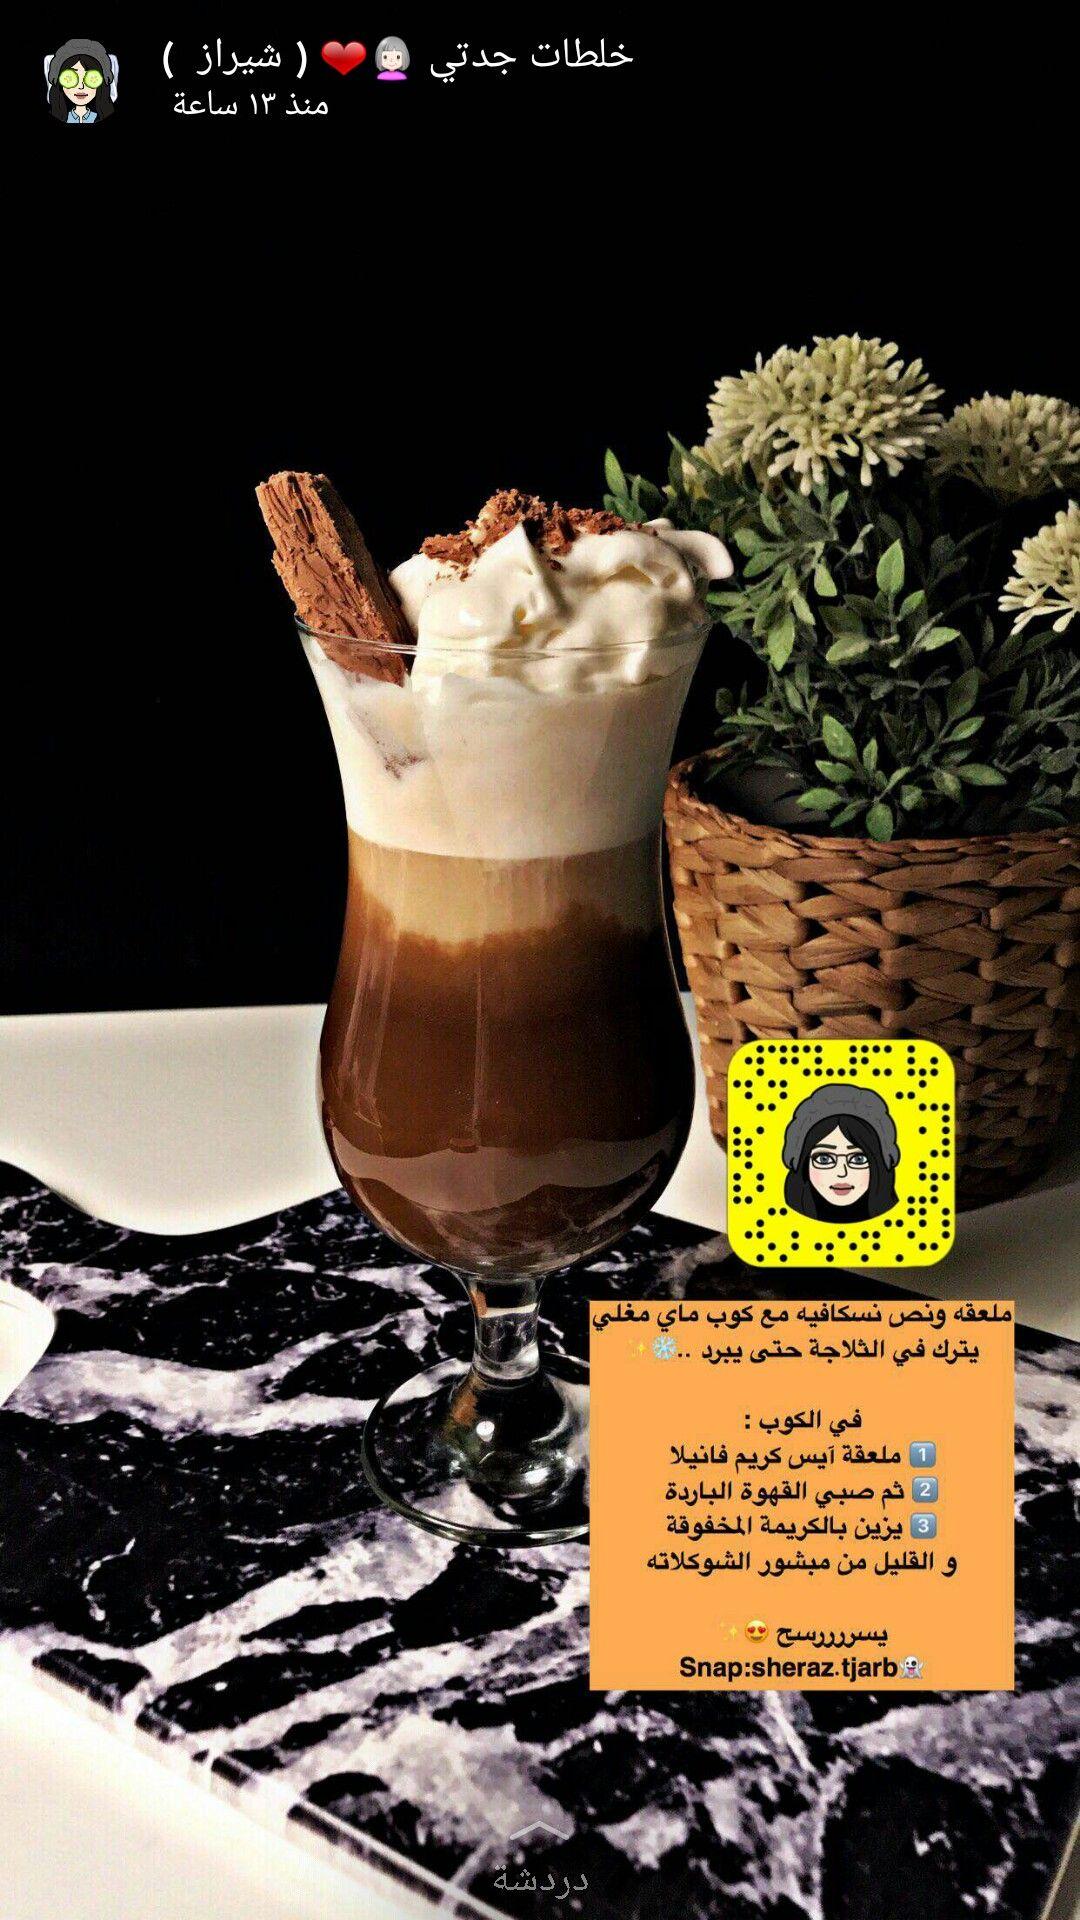 Pin By Lamq20 On مشروبات باردة Food Drinks Dessert Coffee Drink Recipes Starbucks Recipes